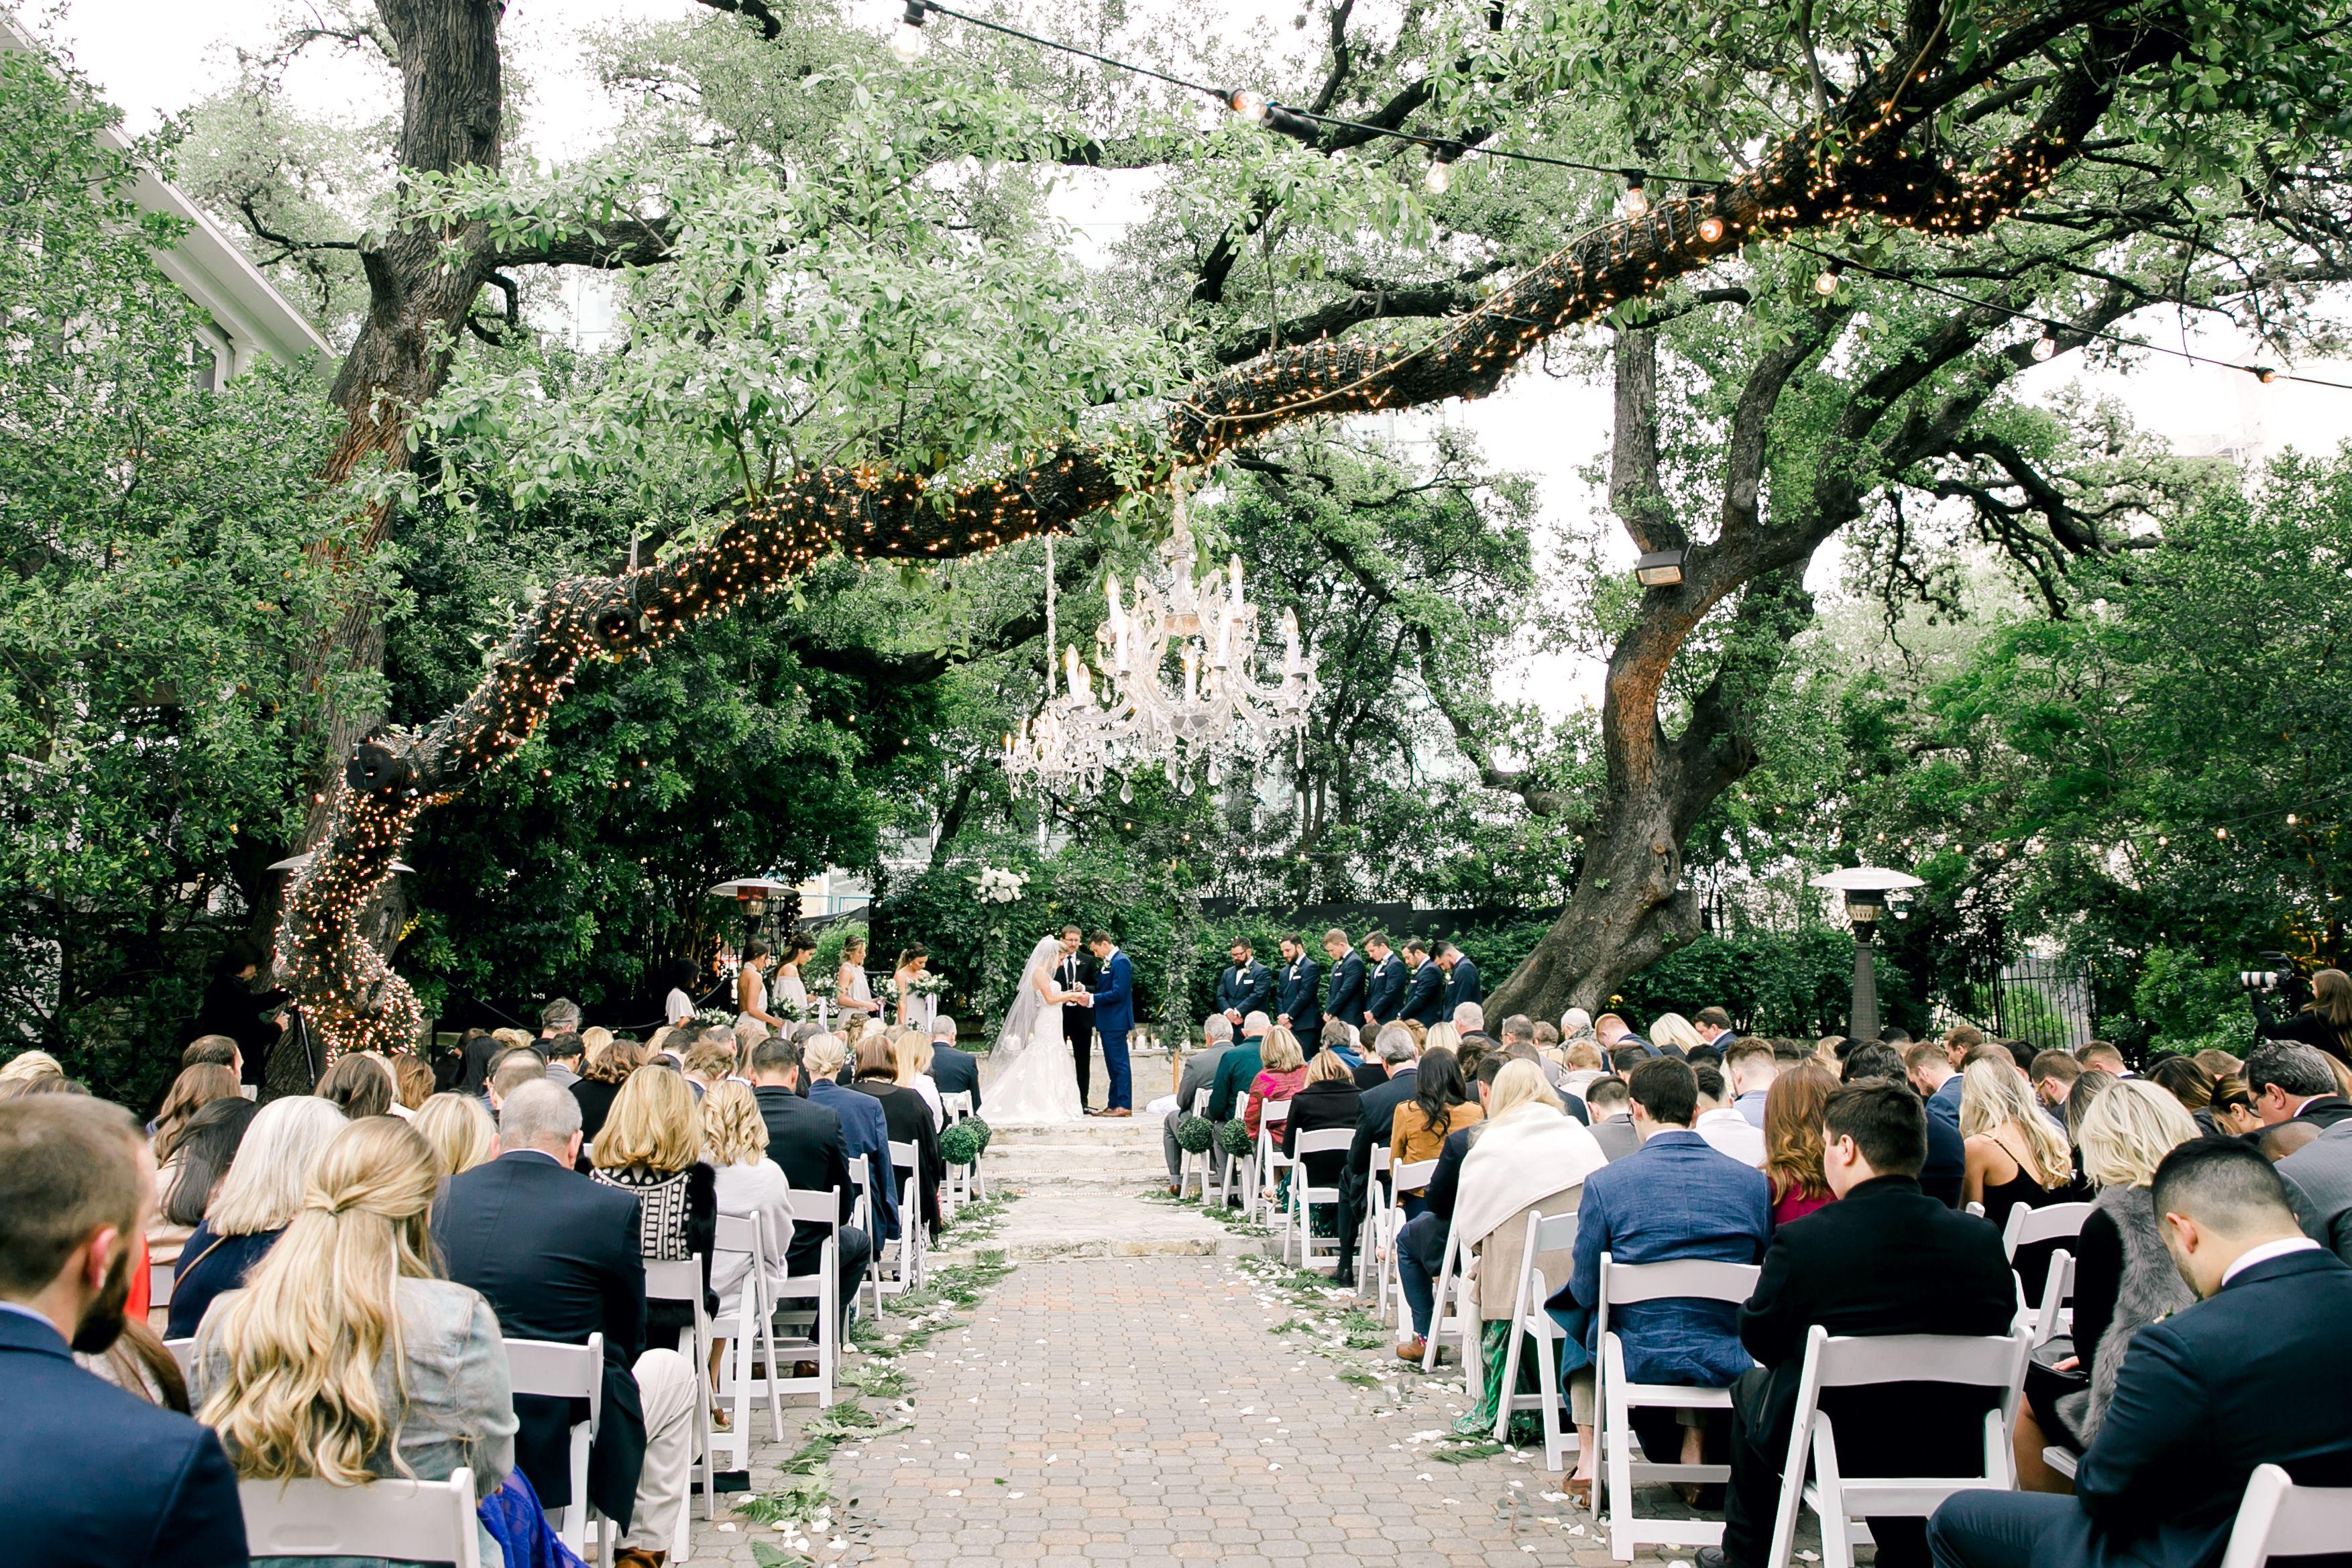 Outdoor Event Venue Austin Outdoor event venues, Austin